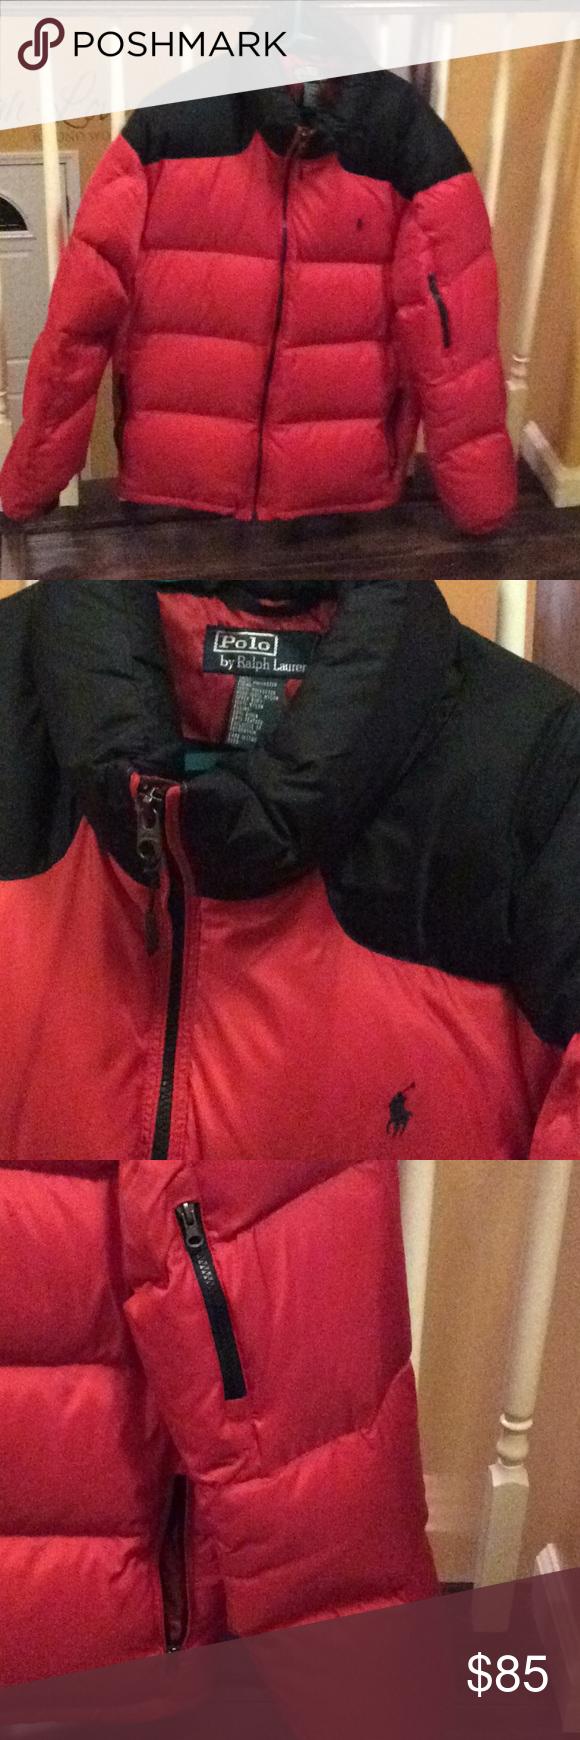 Men S Xxlg Ralph Lauren Polo Winter Jacket Winter Jackets Polo Ralph Lauren Jackets [ 1740 x 580 Pixel ]